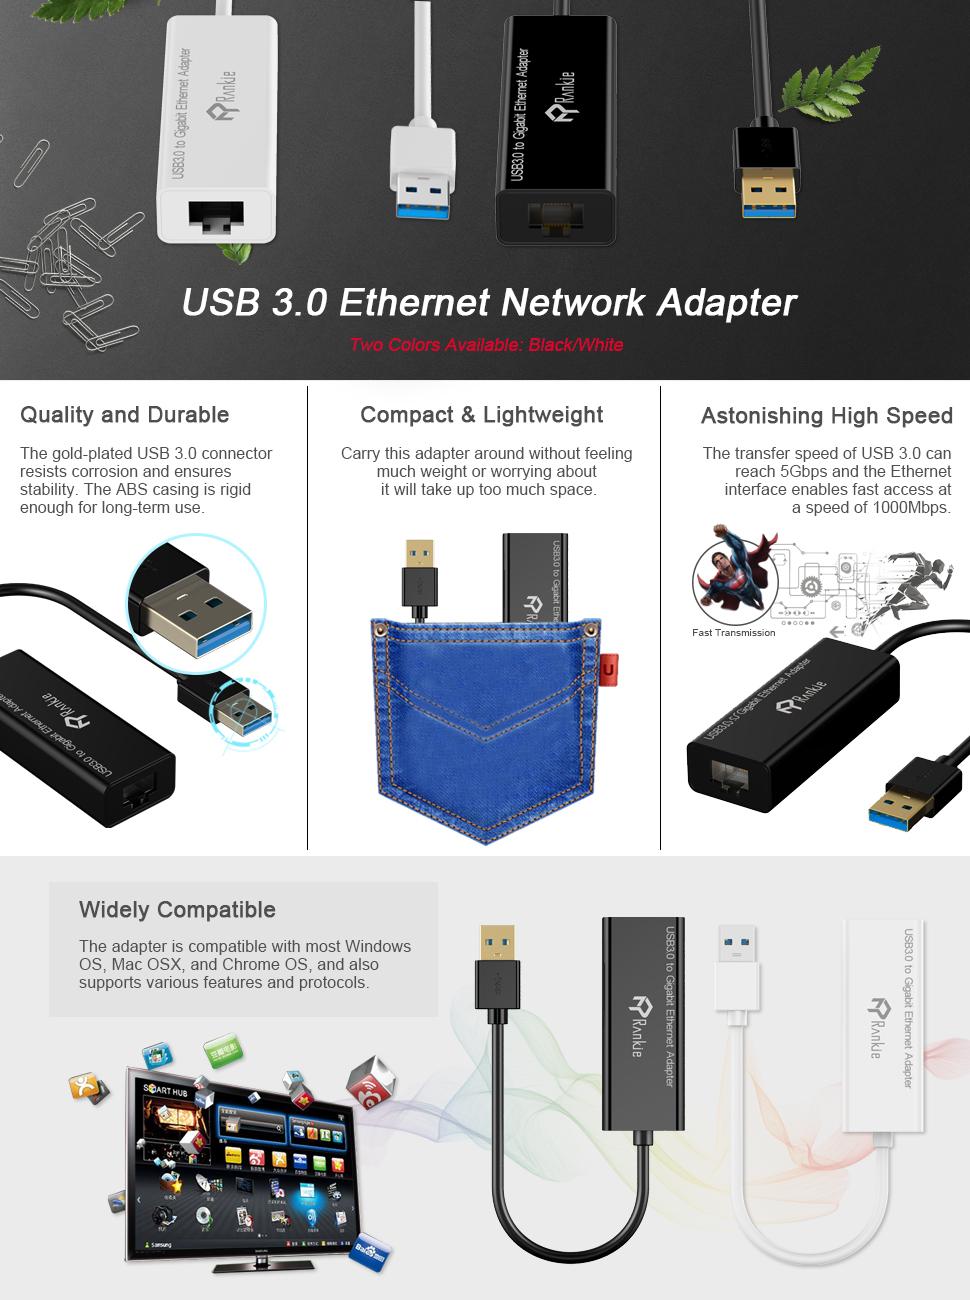 TARJETA USB 3.0 AMAZON